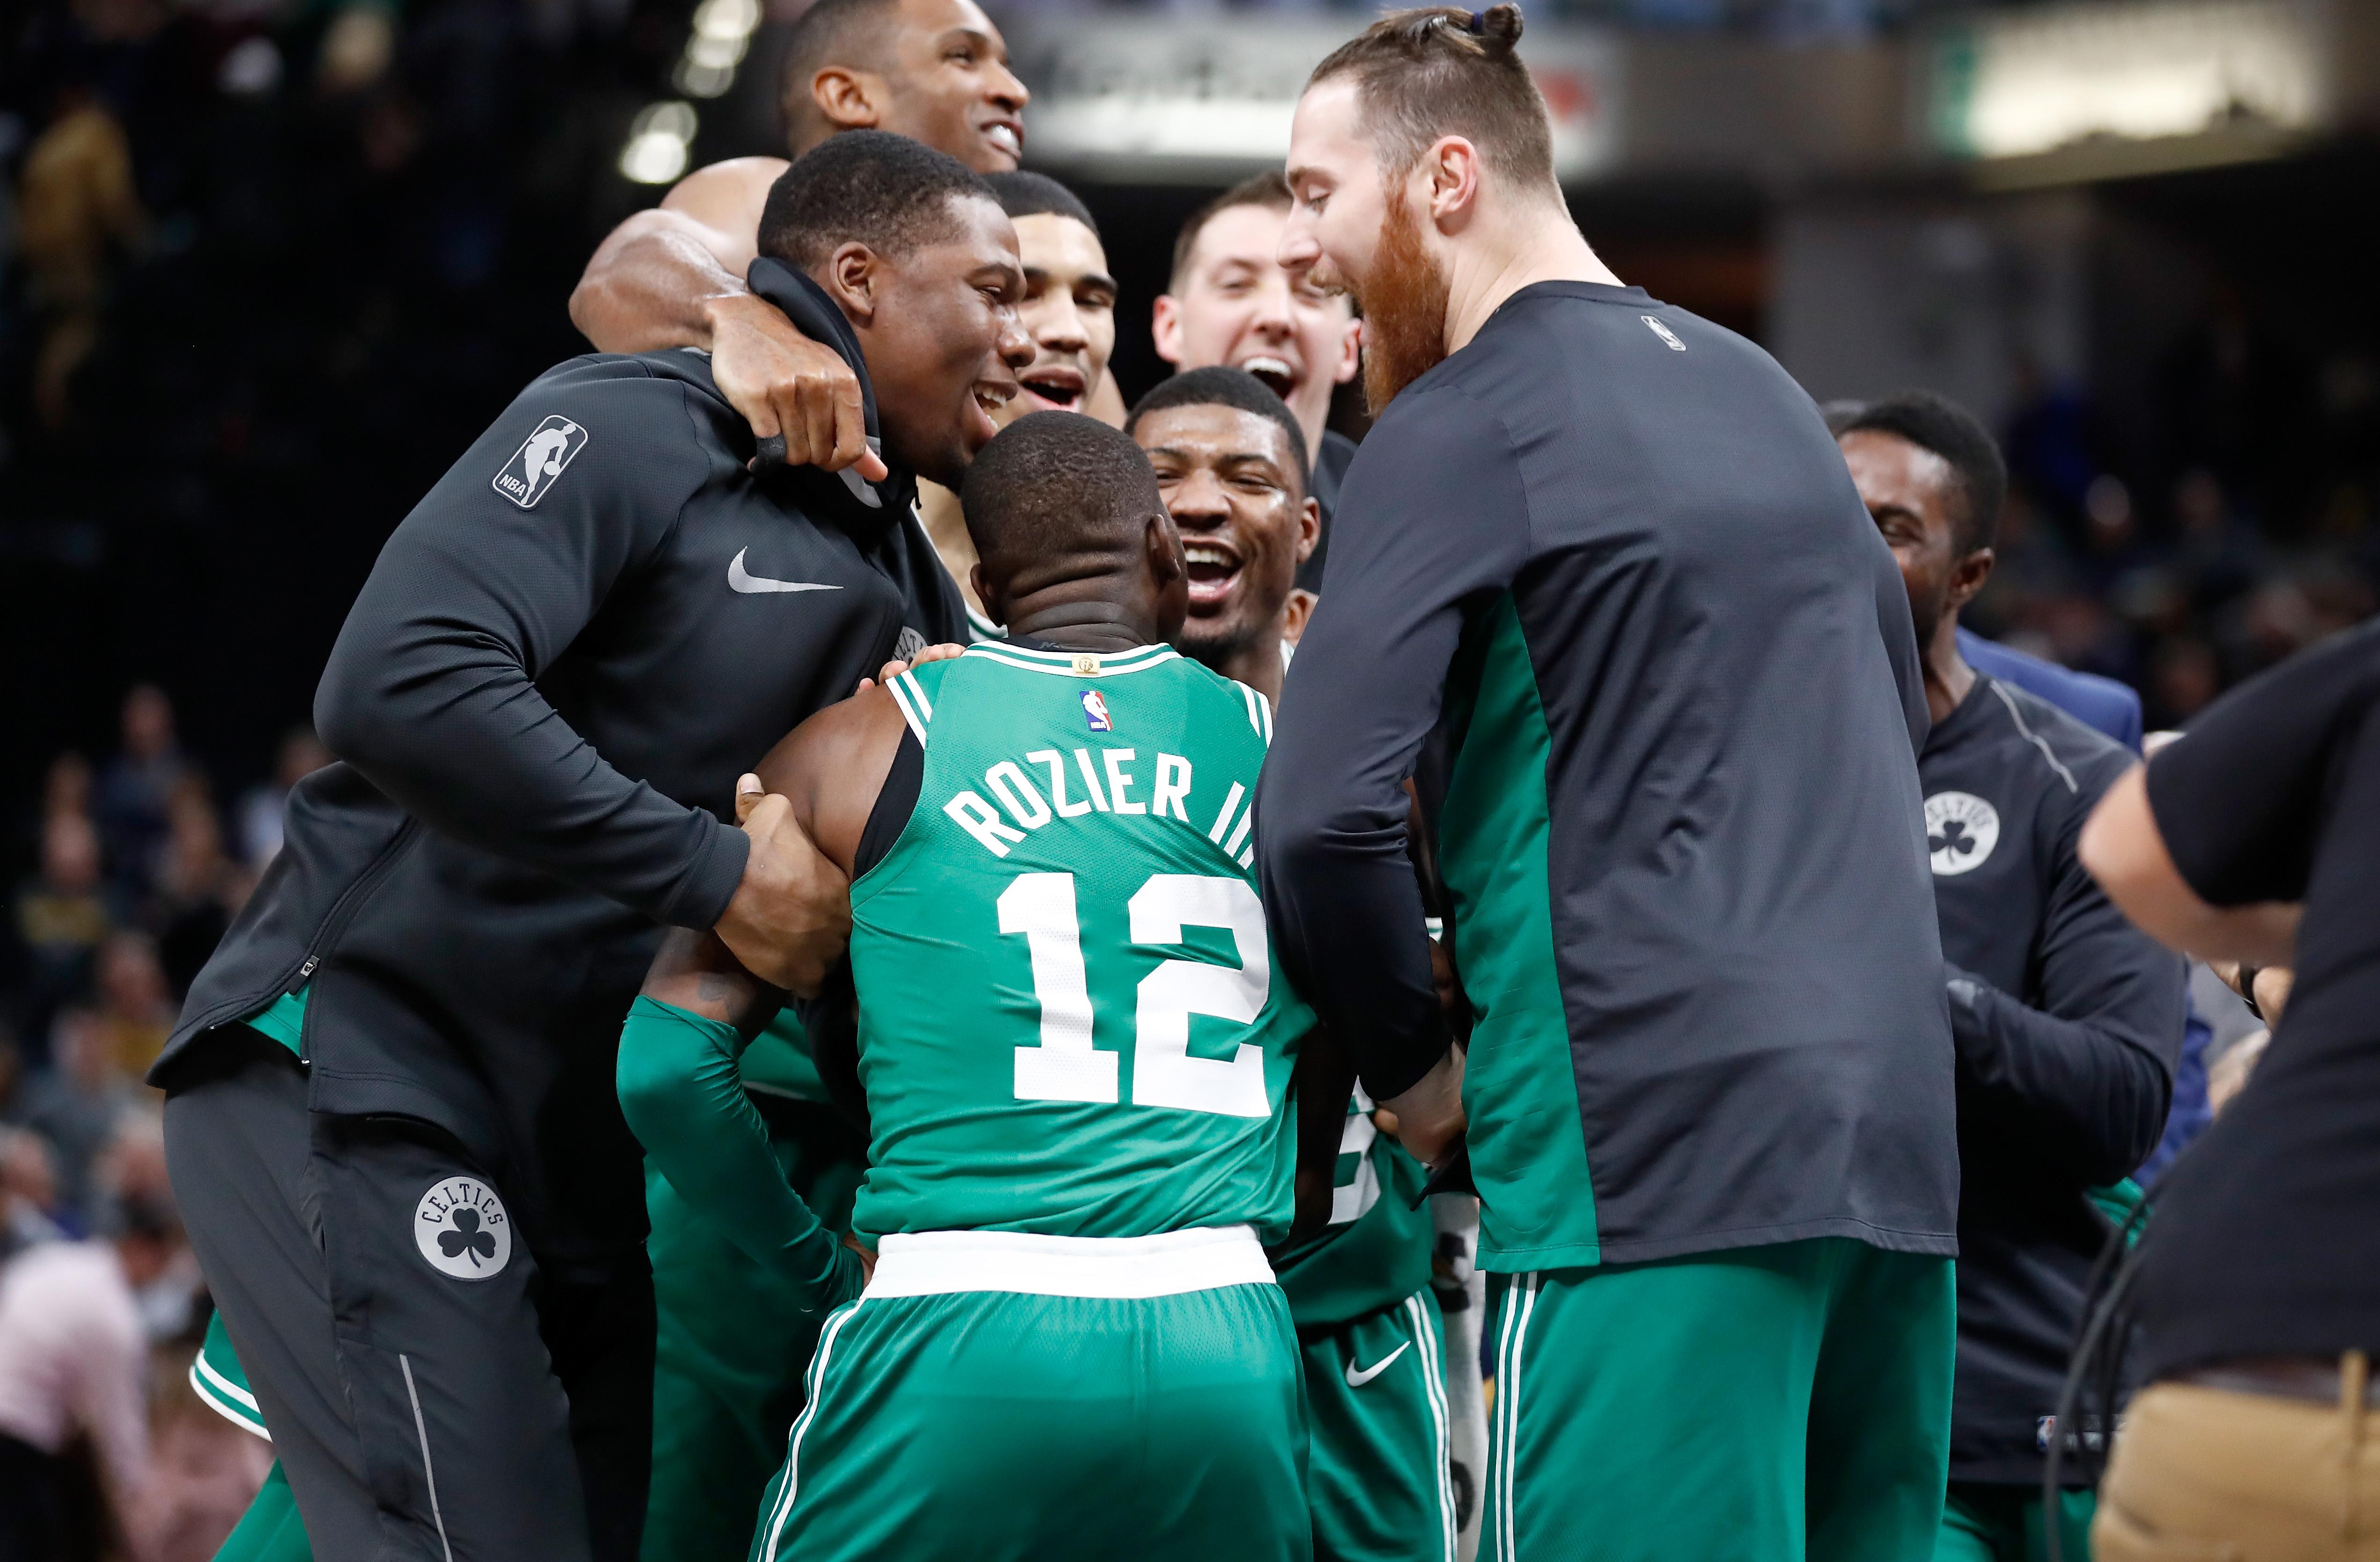 Greg Monroe Could Make Long-Awaited Celtics Debut Thursday Night